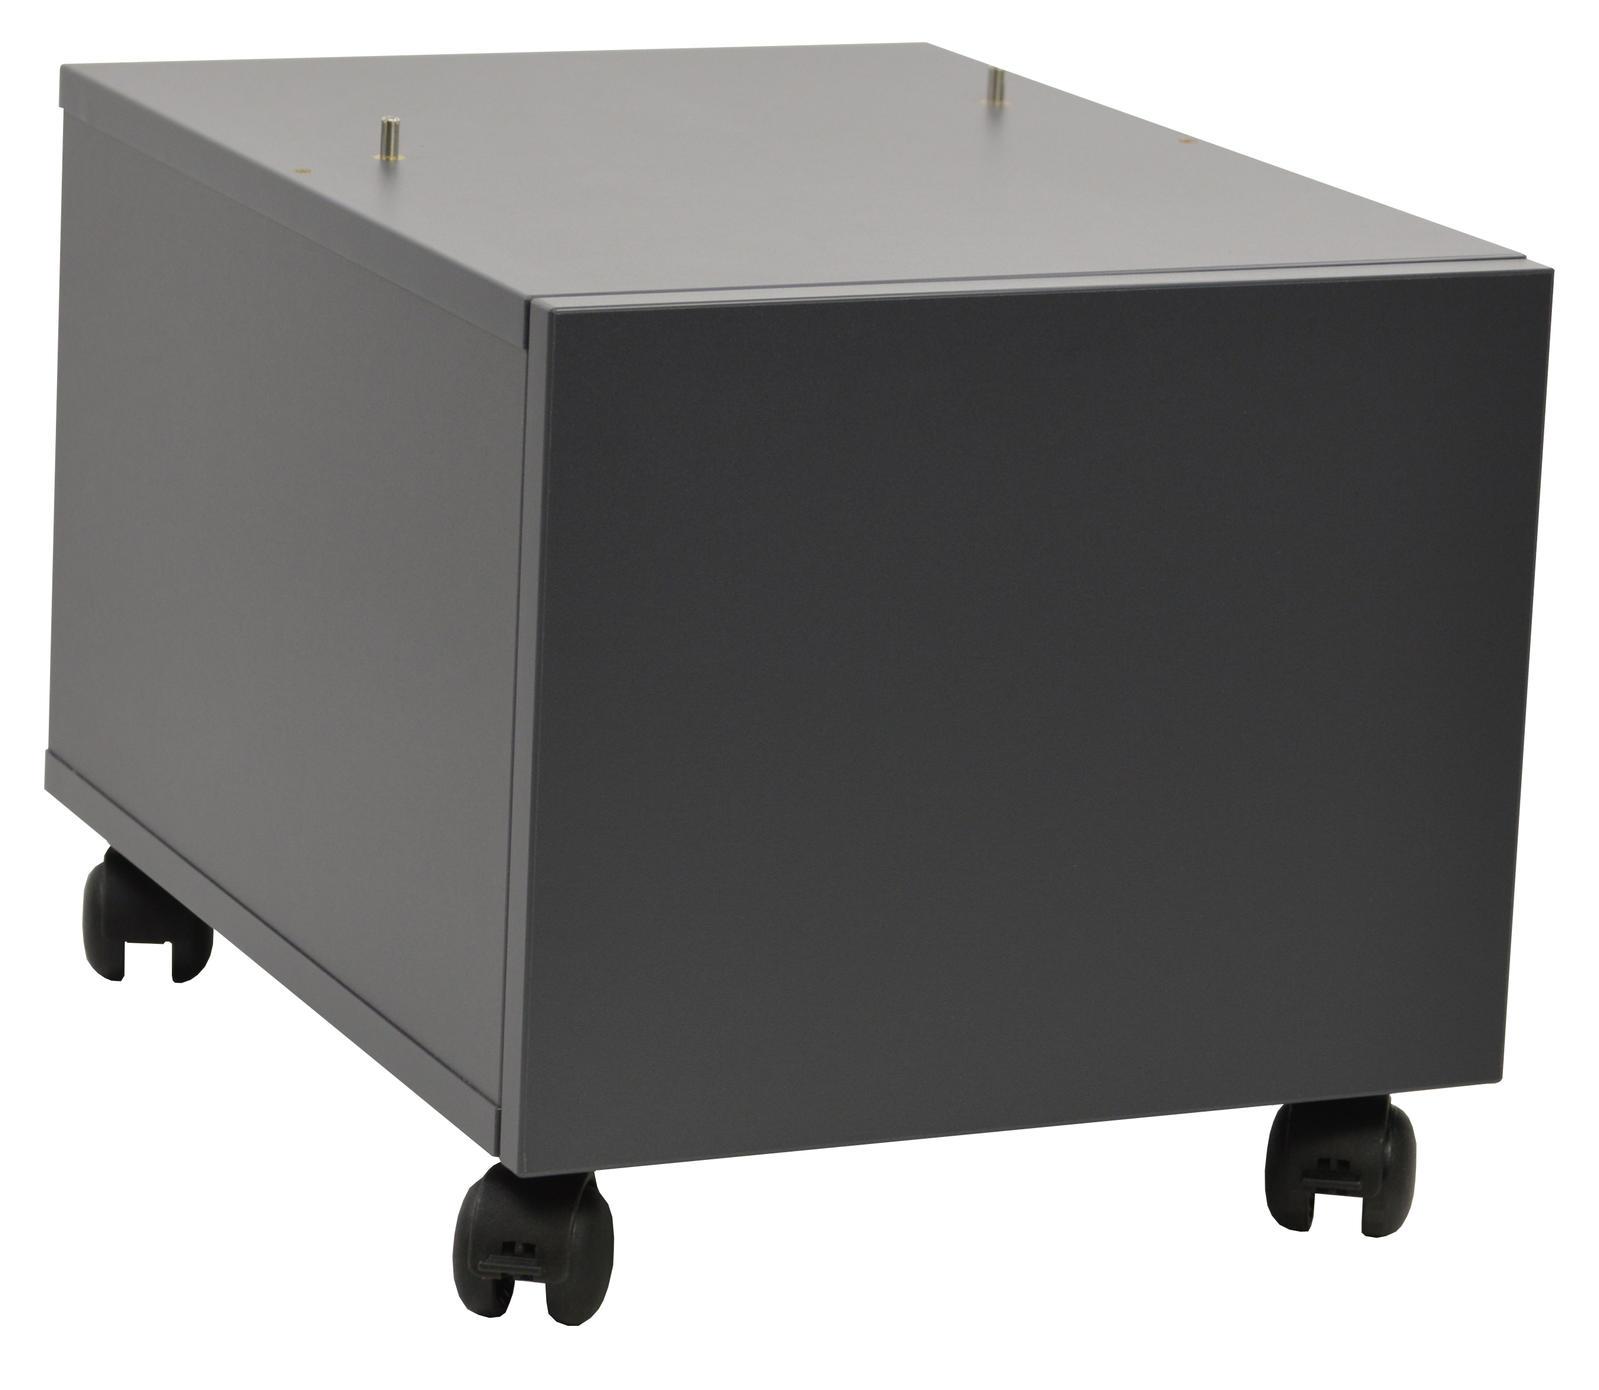 Kyocera CB-5100L